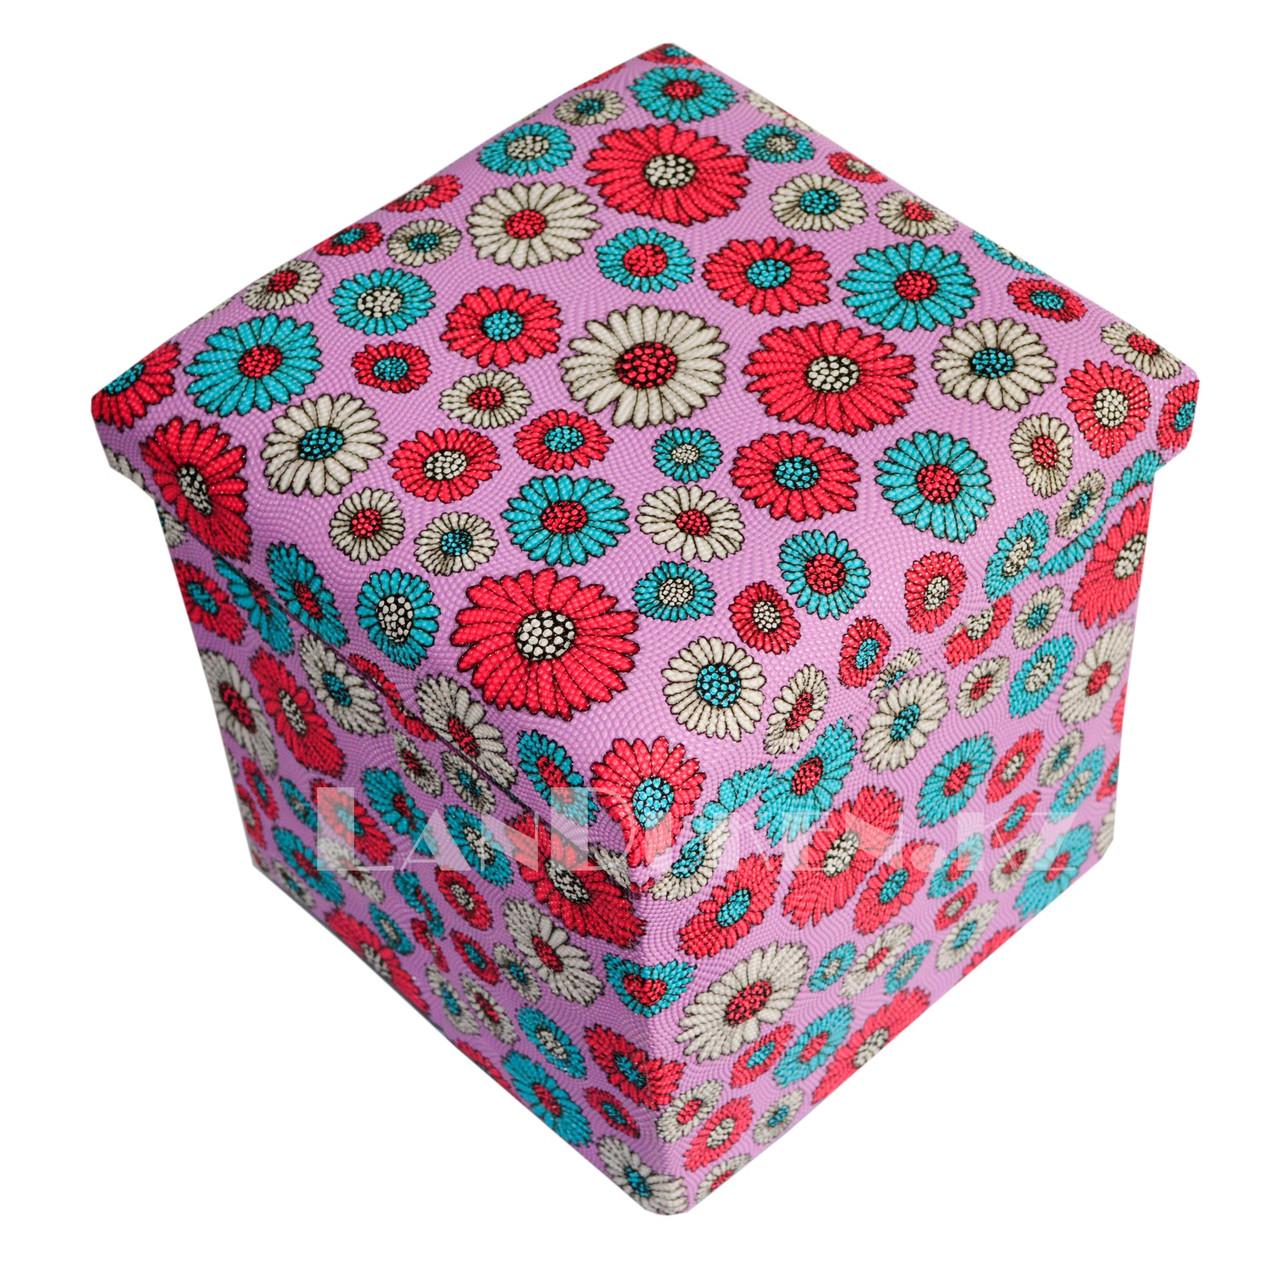 Пуфик органайзер складной розовый с цветами (A) 31* 29* 28 см - фото 1